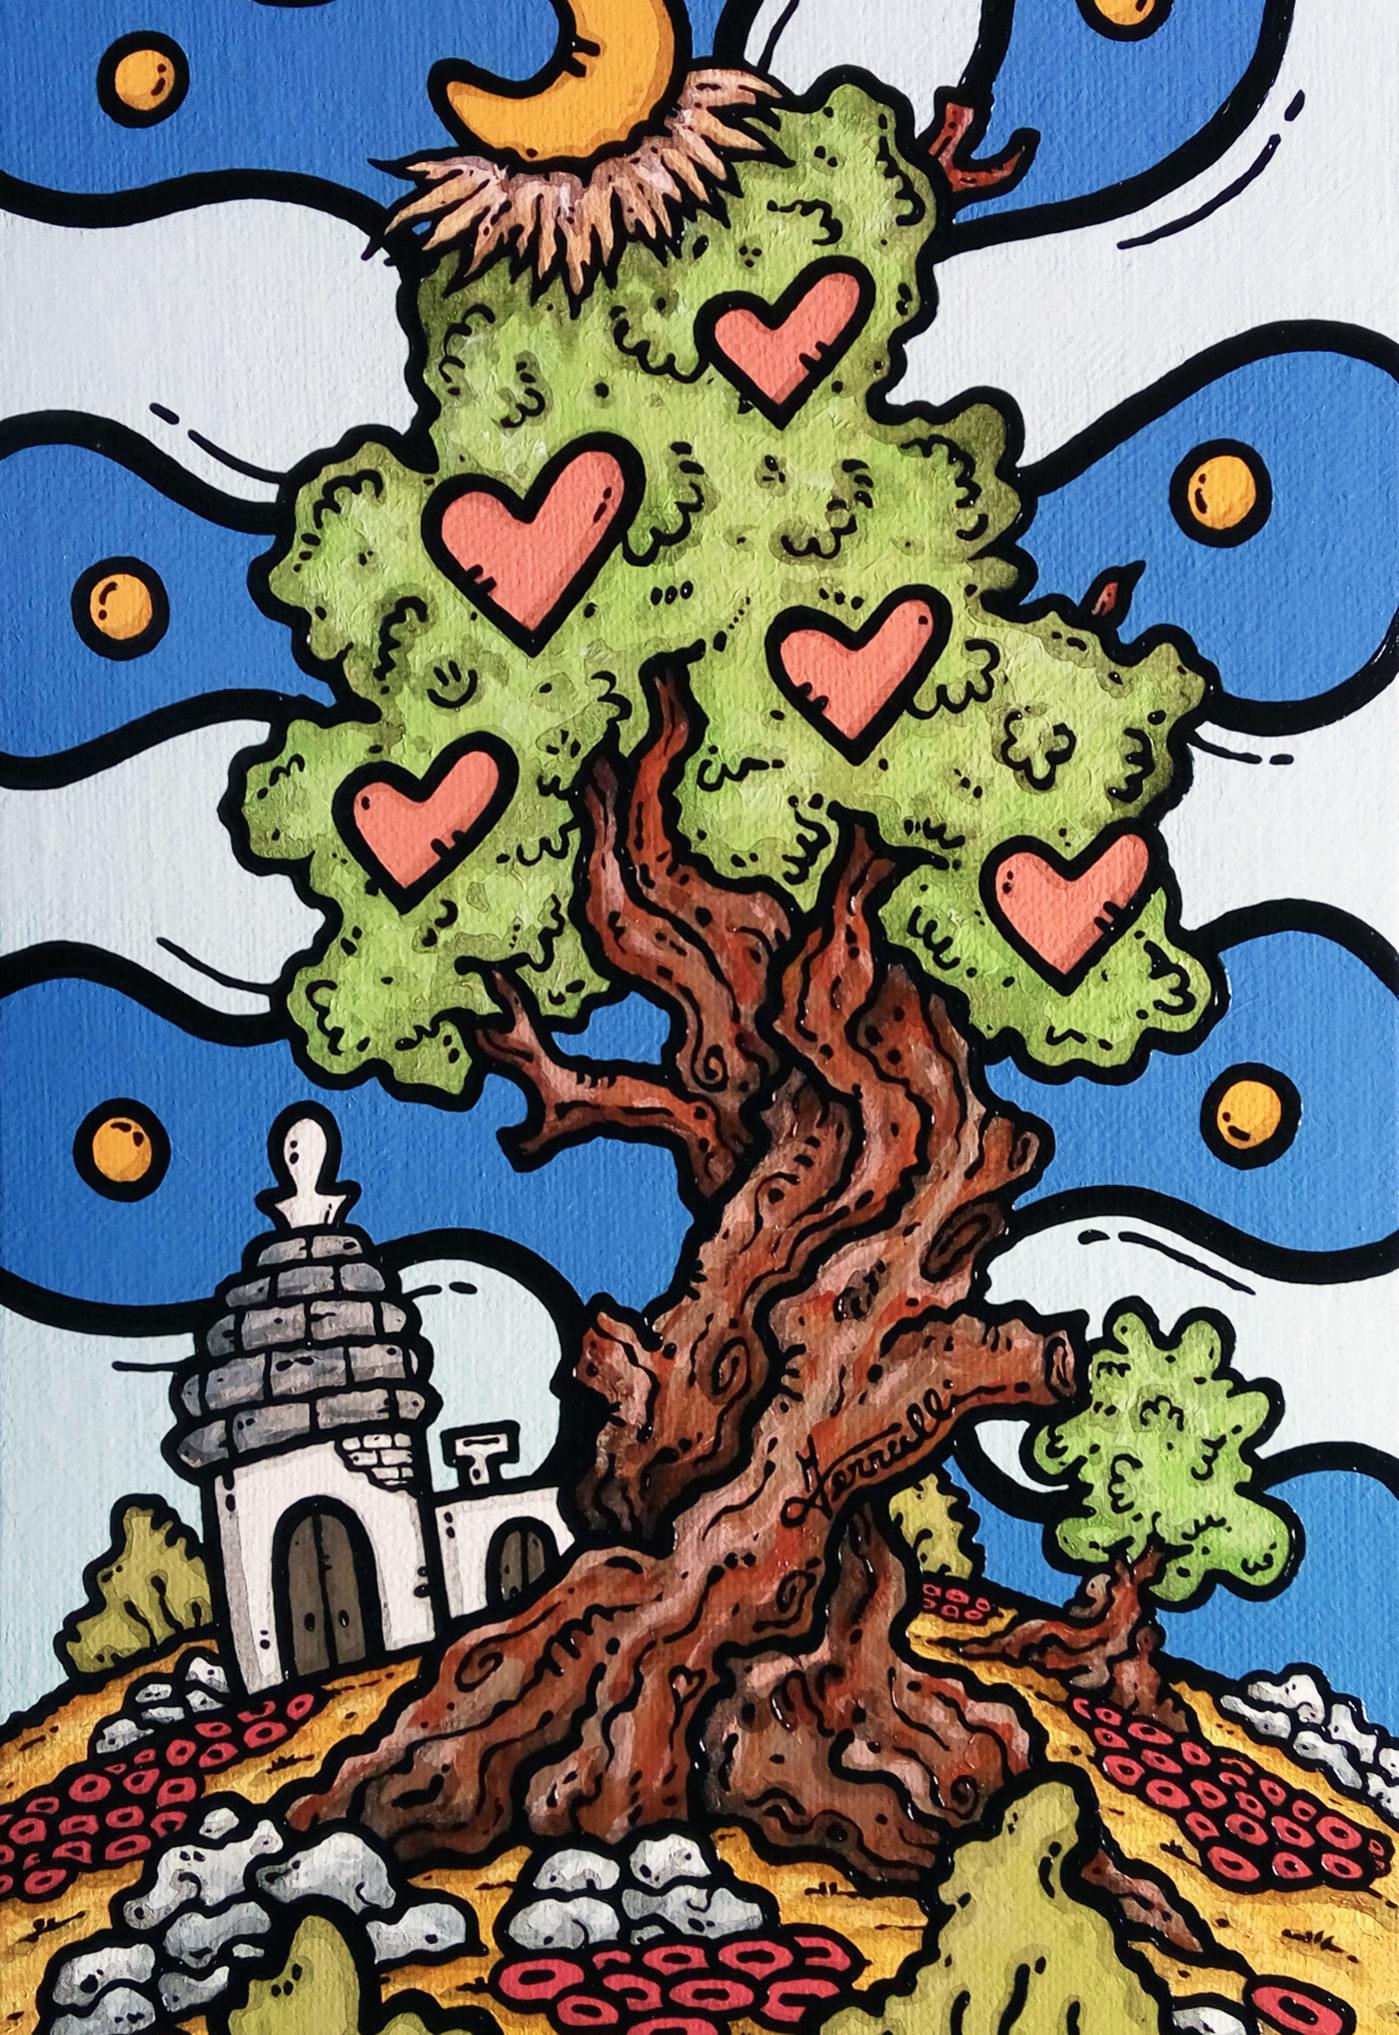 opera d'arte, contornismo metafisico, francesco ferrulli, pittore pugliese, artista italiano, arte contemporanea, dipinto, olio su tela, paesaggio pugliese, campagna, puglia, quadro colorato, oil on canvas, art, painter, quadri, ulivo, trulli, nuvole, cuori, vizi al crepuscolo, italian artist, luna,